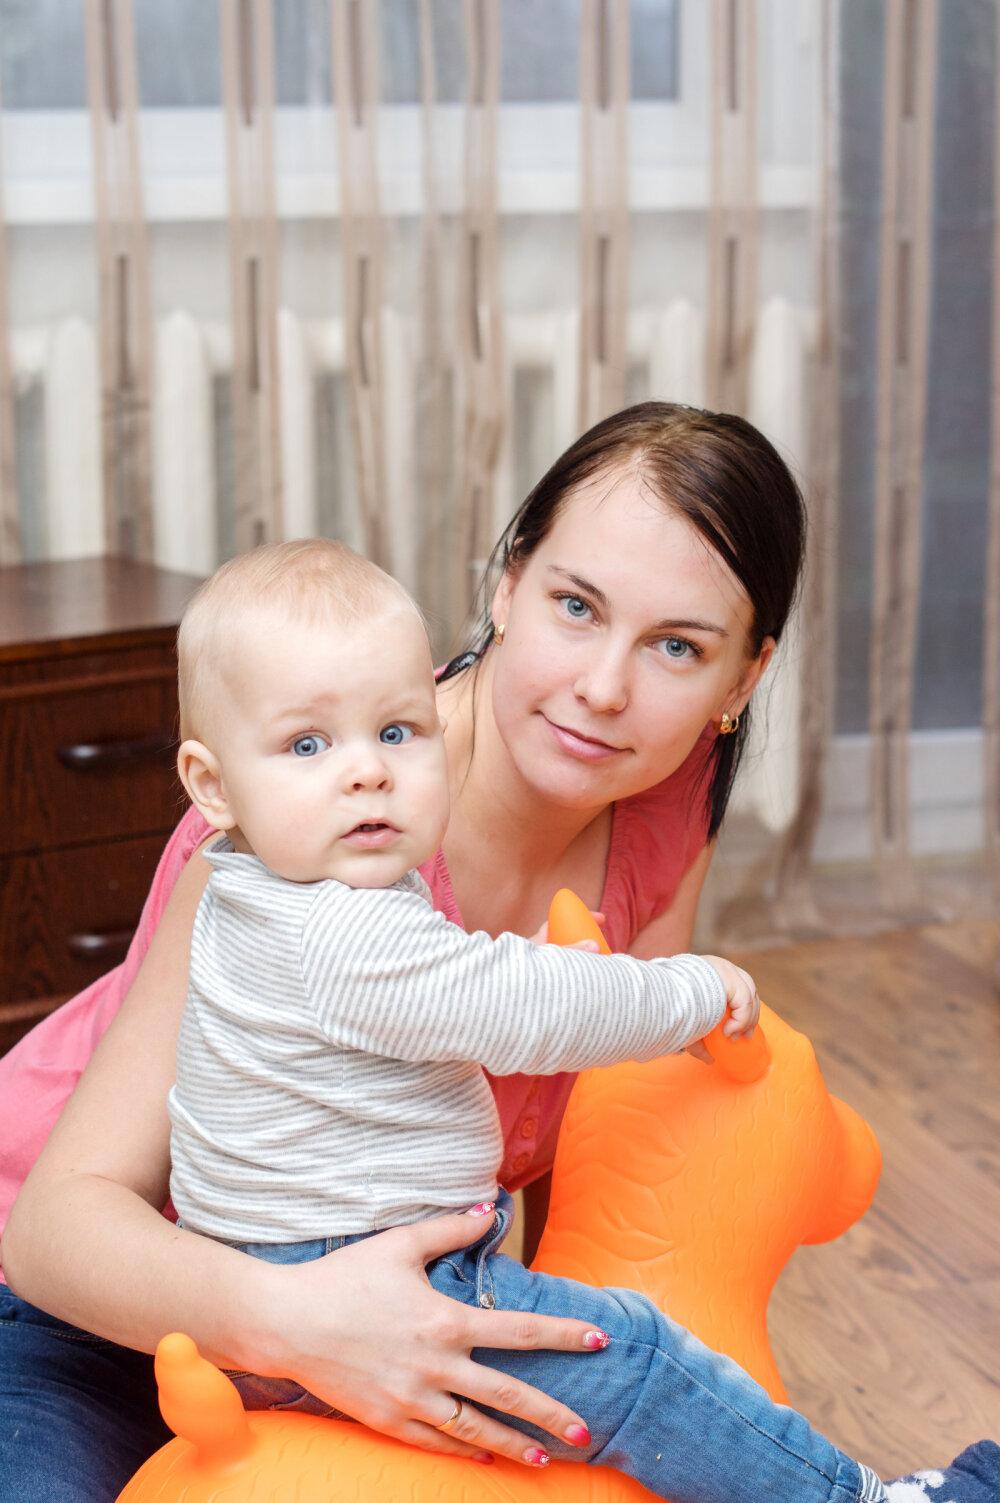 6b019af08fa Kärt on tänulik, et kiire arstiabi ja erakorraline keisrilõige päästsid  lapse hapnikupuudusest. Poeg Riko tuli turvaliselt ilmale. | Fotod: Eero  Alamaa